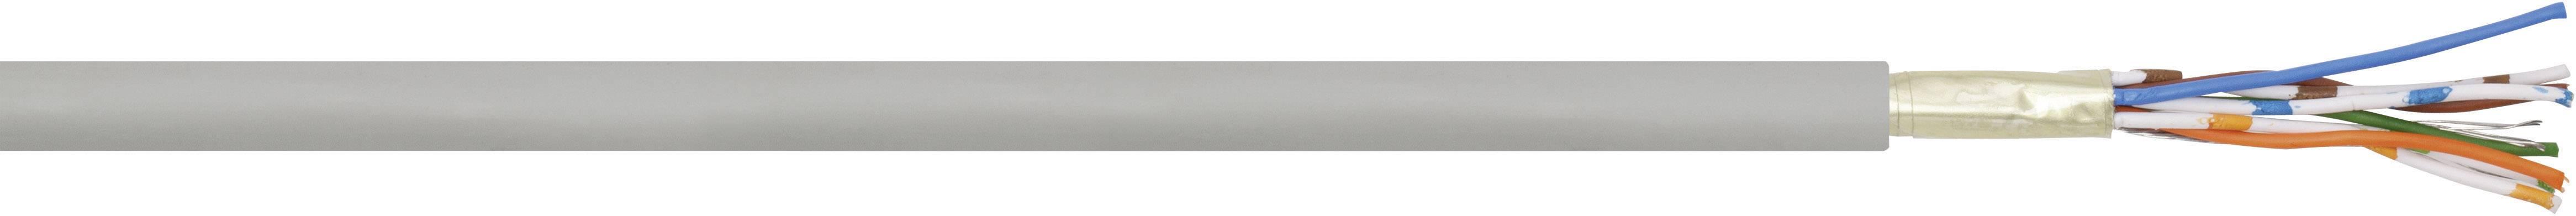 Sieťový kábel ethernetový CAT 5e LappKabel UNITRONIC® LAN CAT.5E 100MHZF/UTP LSZH, F/UTP, 4 x 2 x 0.13 mm², sivá, metrový tovar